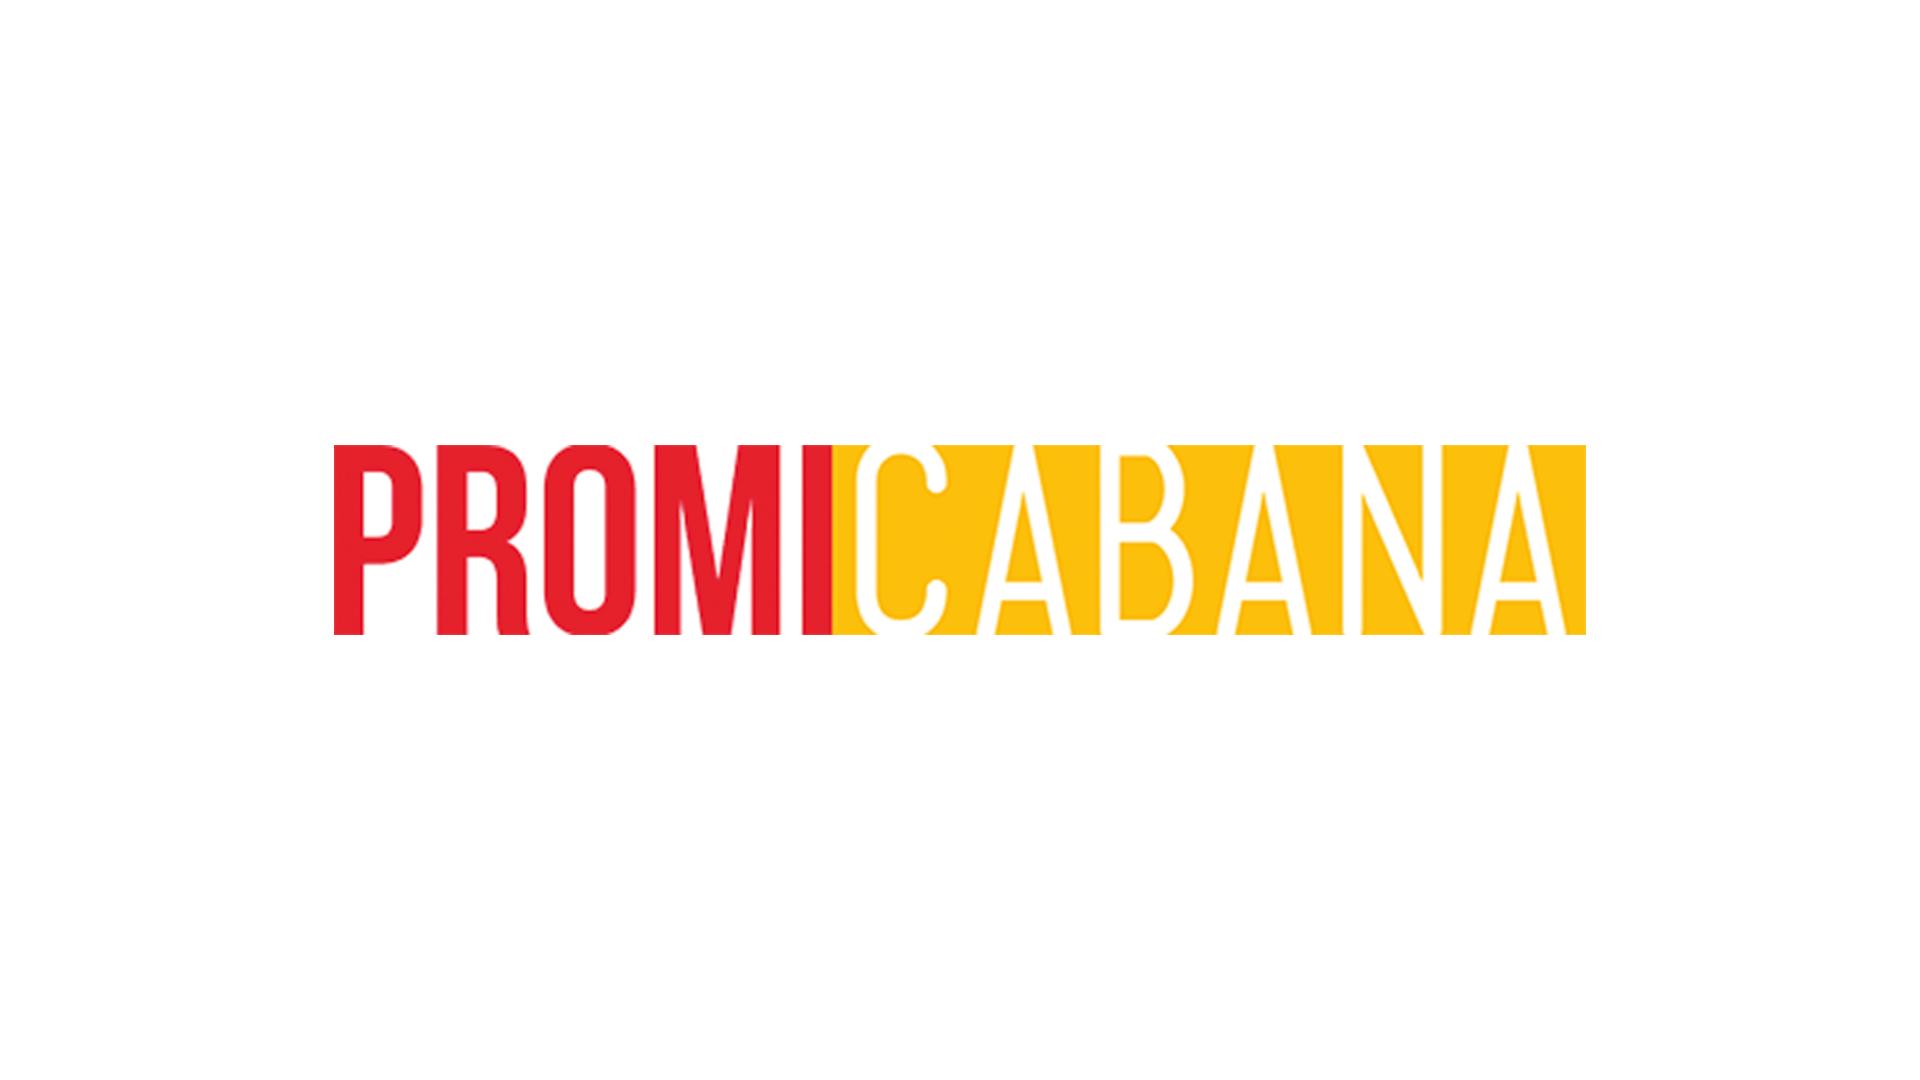 eminem-rap-god-nusikvideo-still